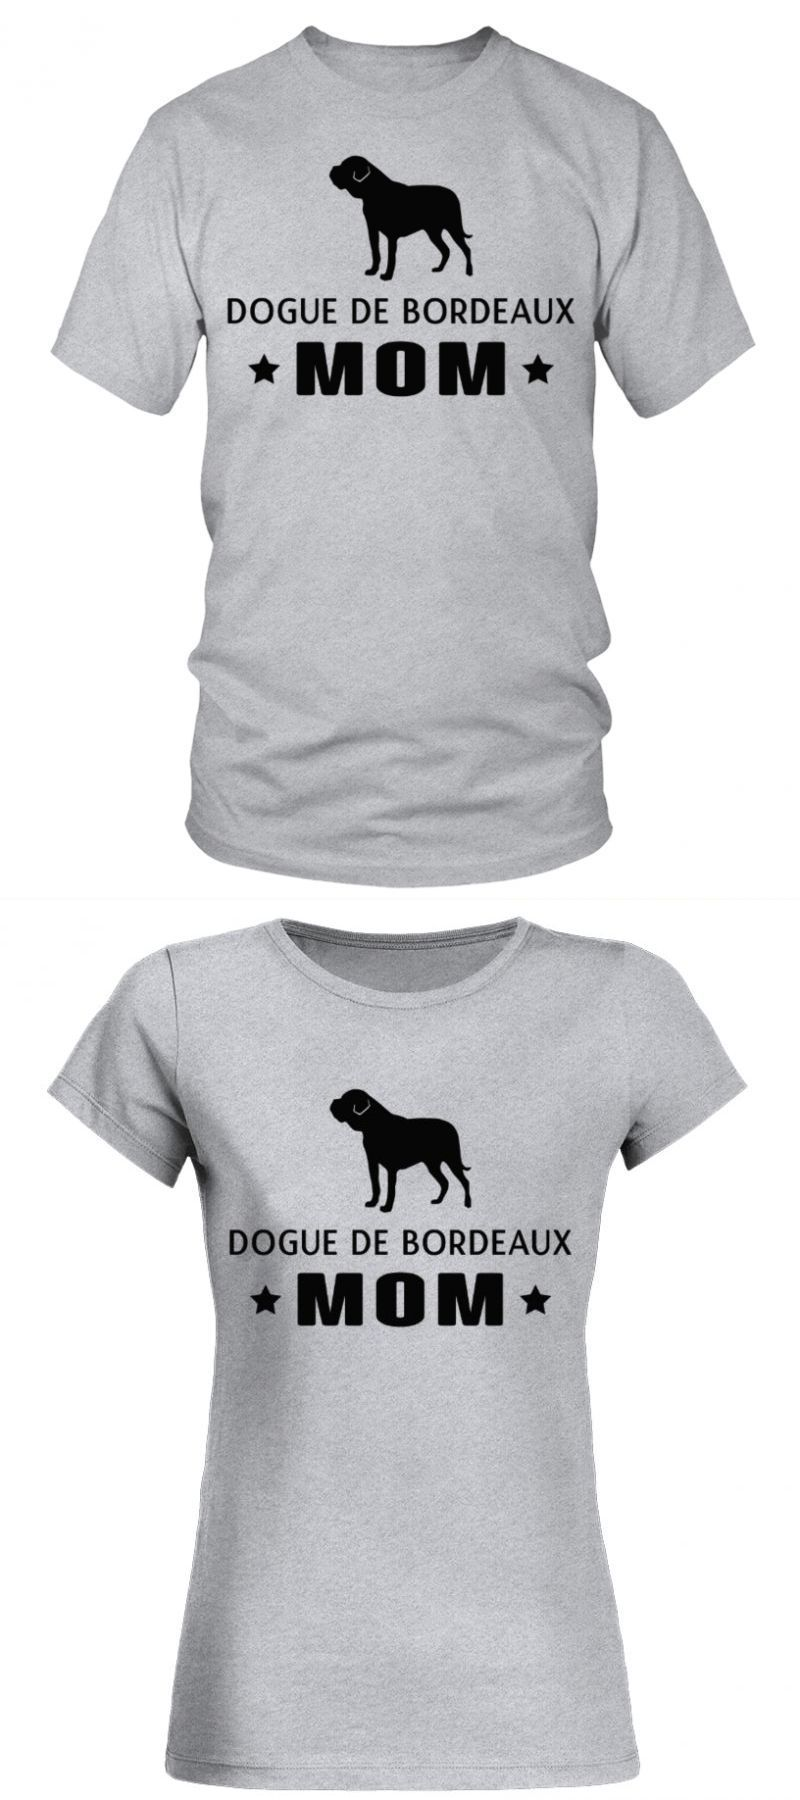 db908e02a5074 Big bird t shirt adult dogue de bordeaux - funny t-shirt johnny cash  flipping